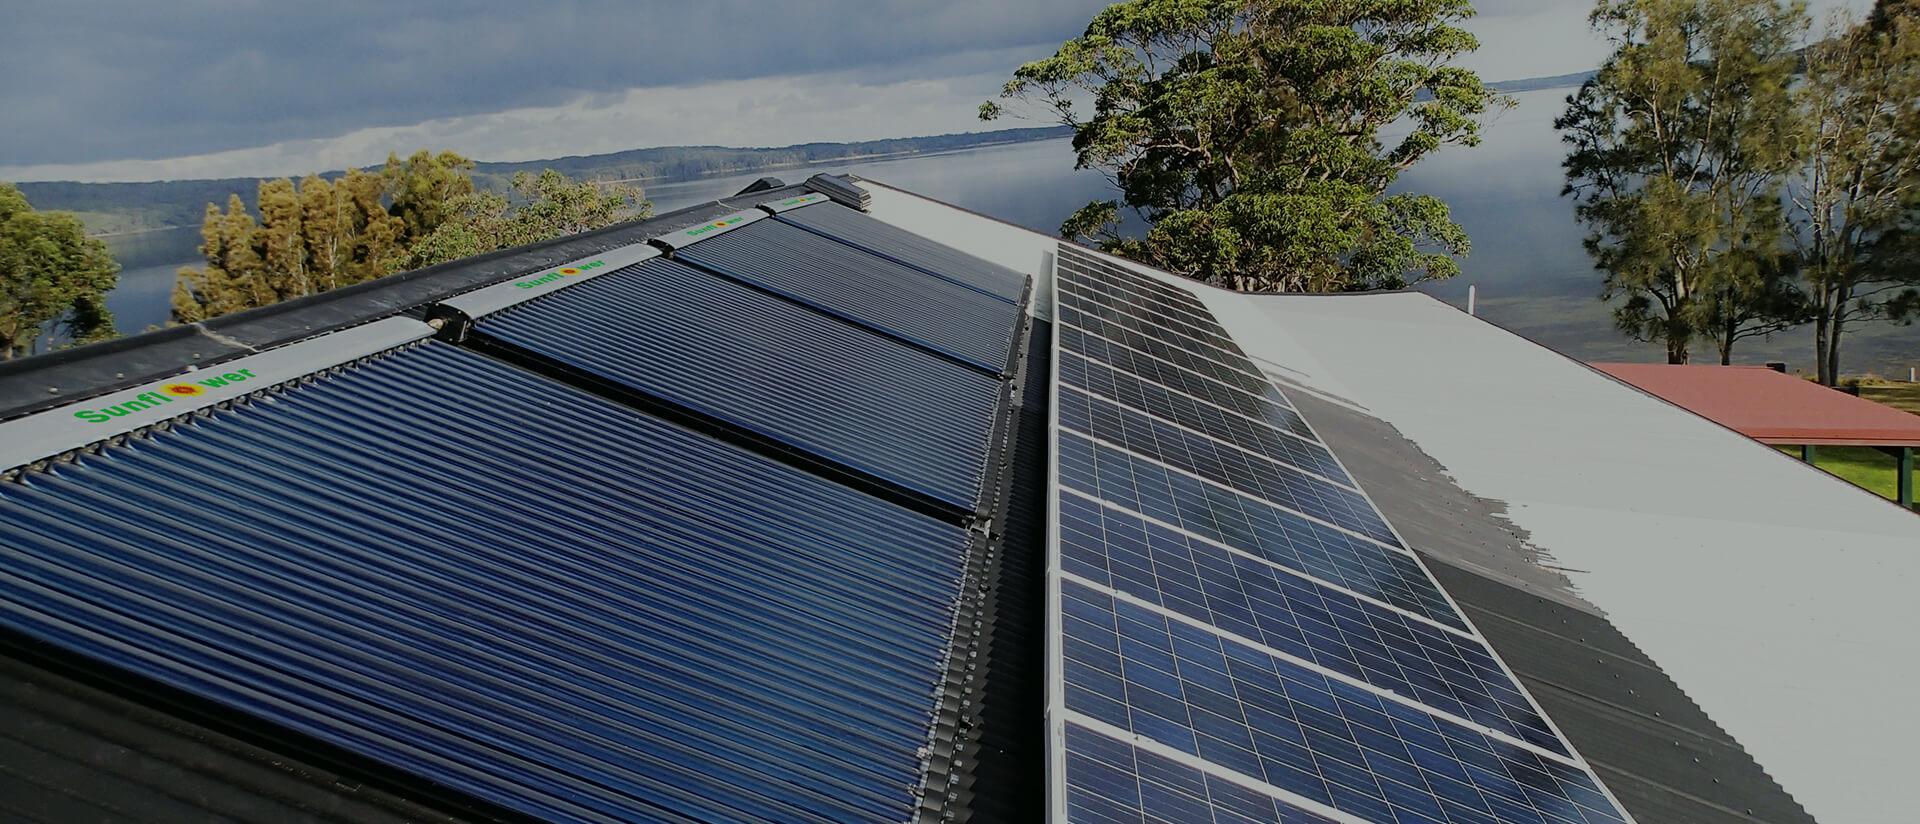 Chauffe-Eau Solaires, Systèmes D'énergie Solaire ... destiné Chauffe Eau Solaire Piscine